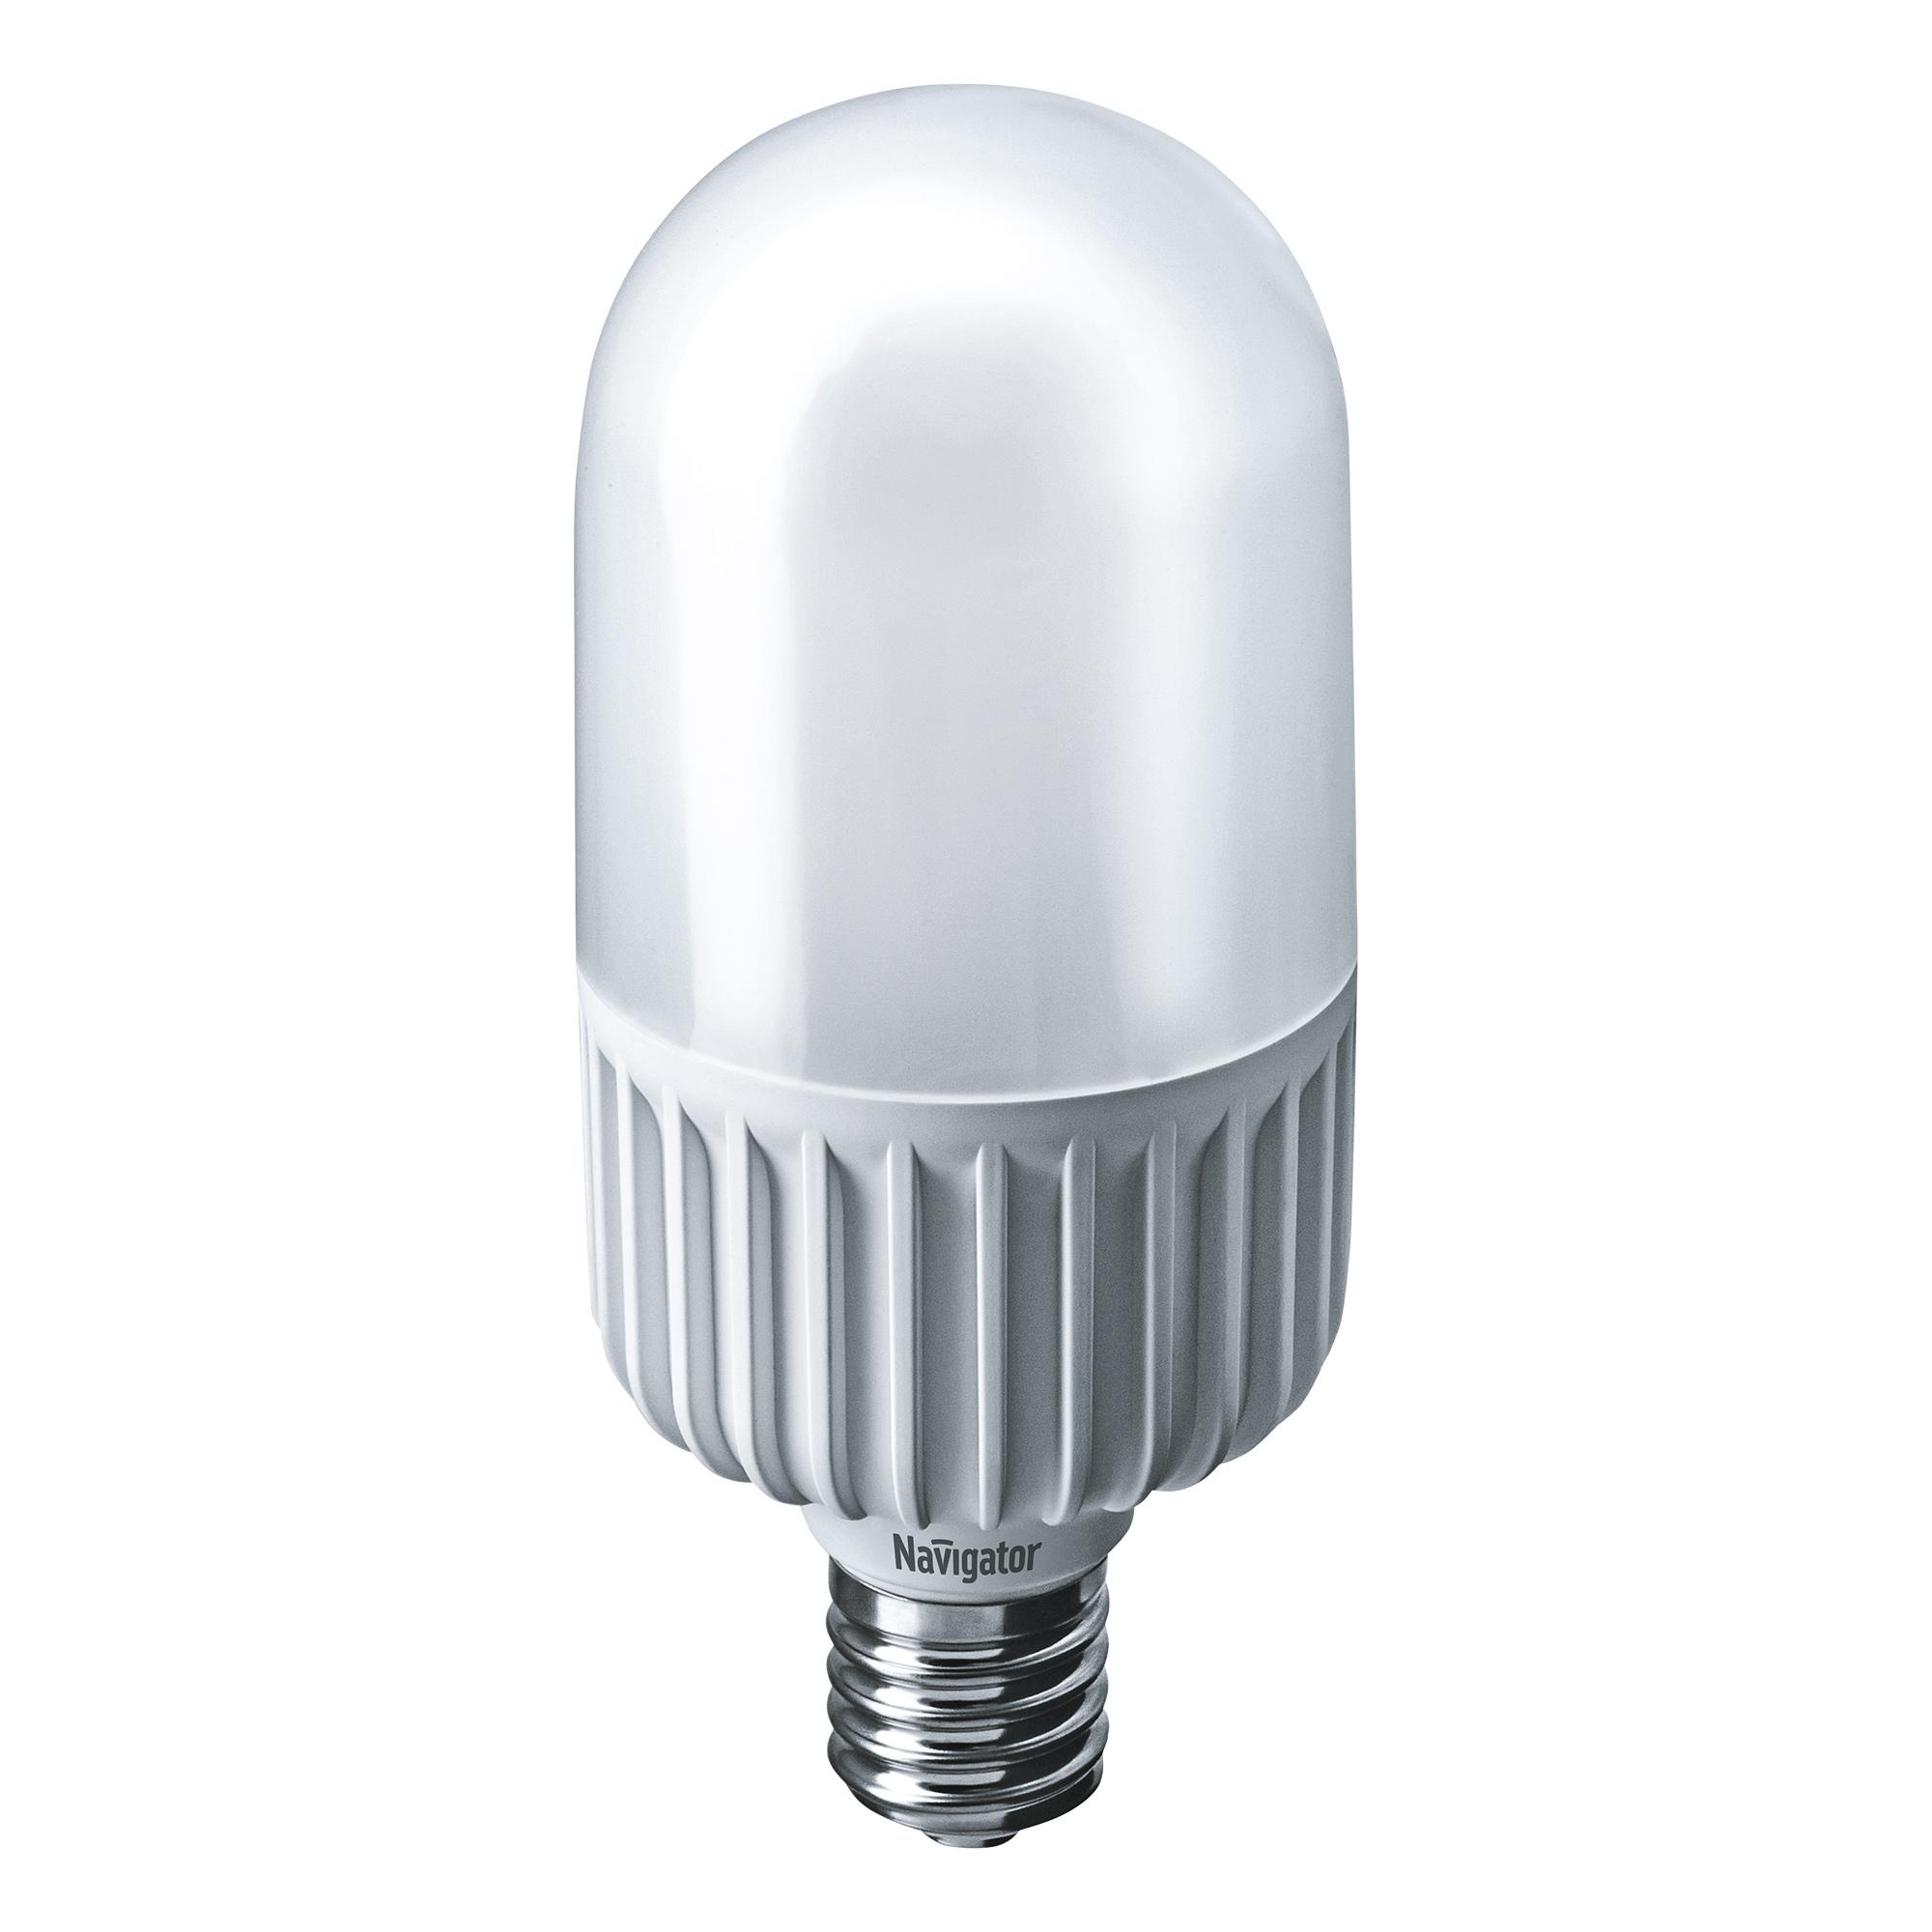 Фото - Лампа светодиодная Navigator колба T105 45Вт цоколь E40 (холодный свет) лампа люминесцентная navigator t5 6вт цоколь g5 холодный свет